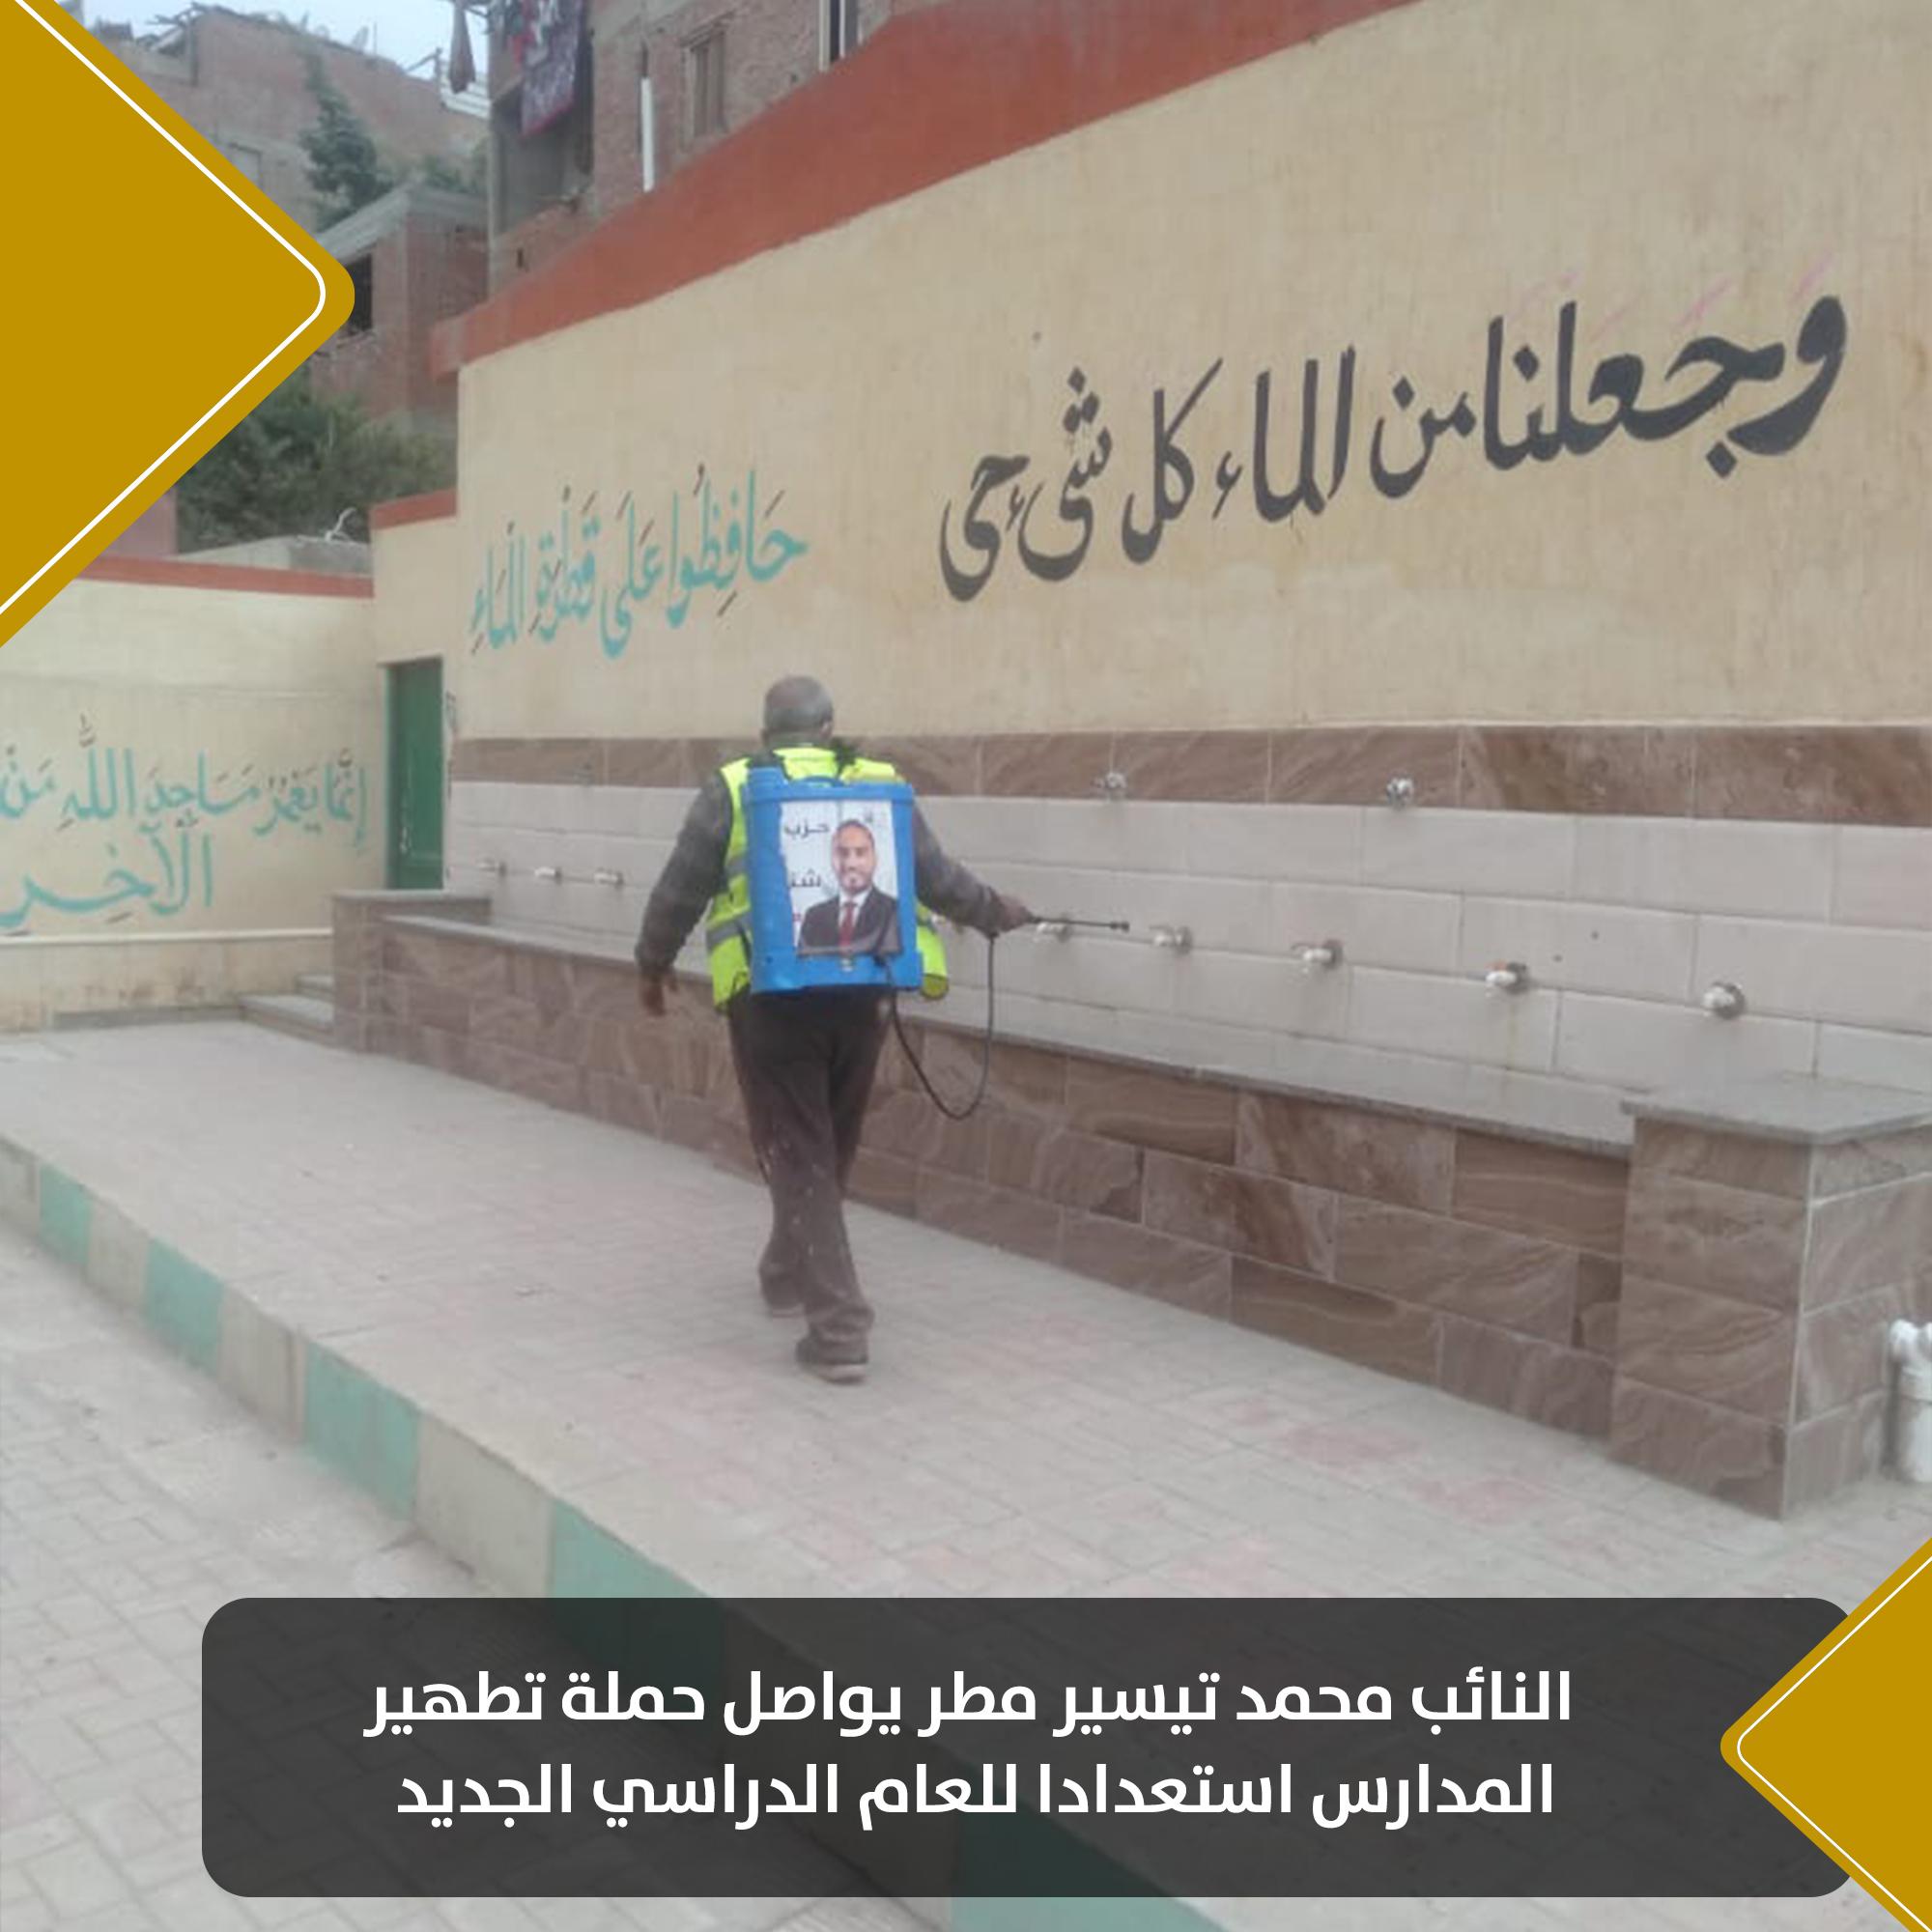 النائب محمد تيسير مطر يواصل حملة تطهير المدارسس (13)